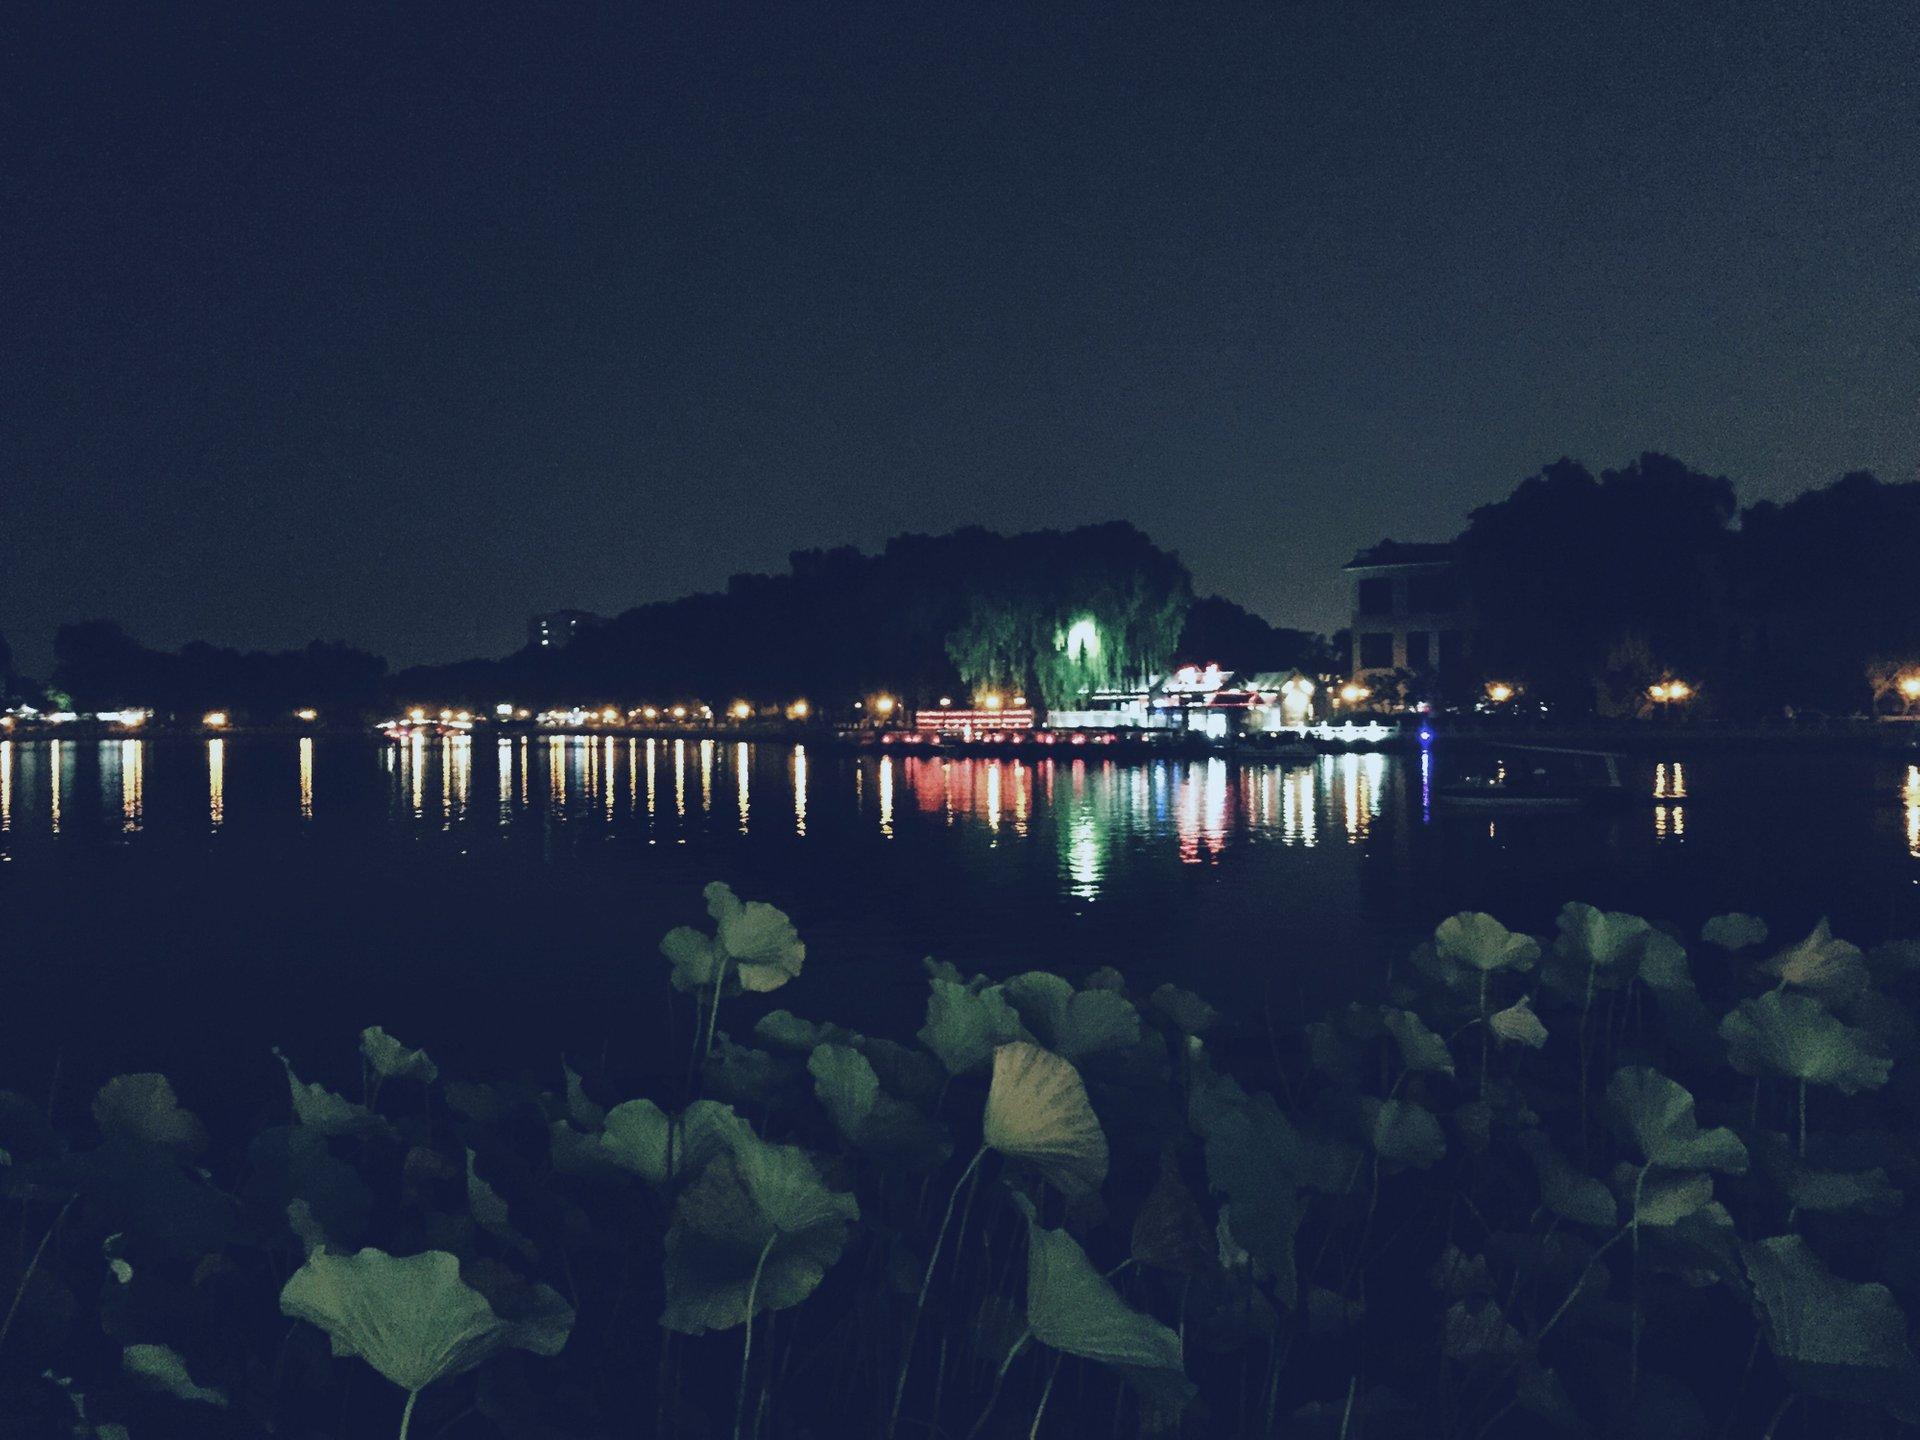 Lotus Market at night 2020